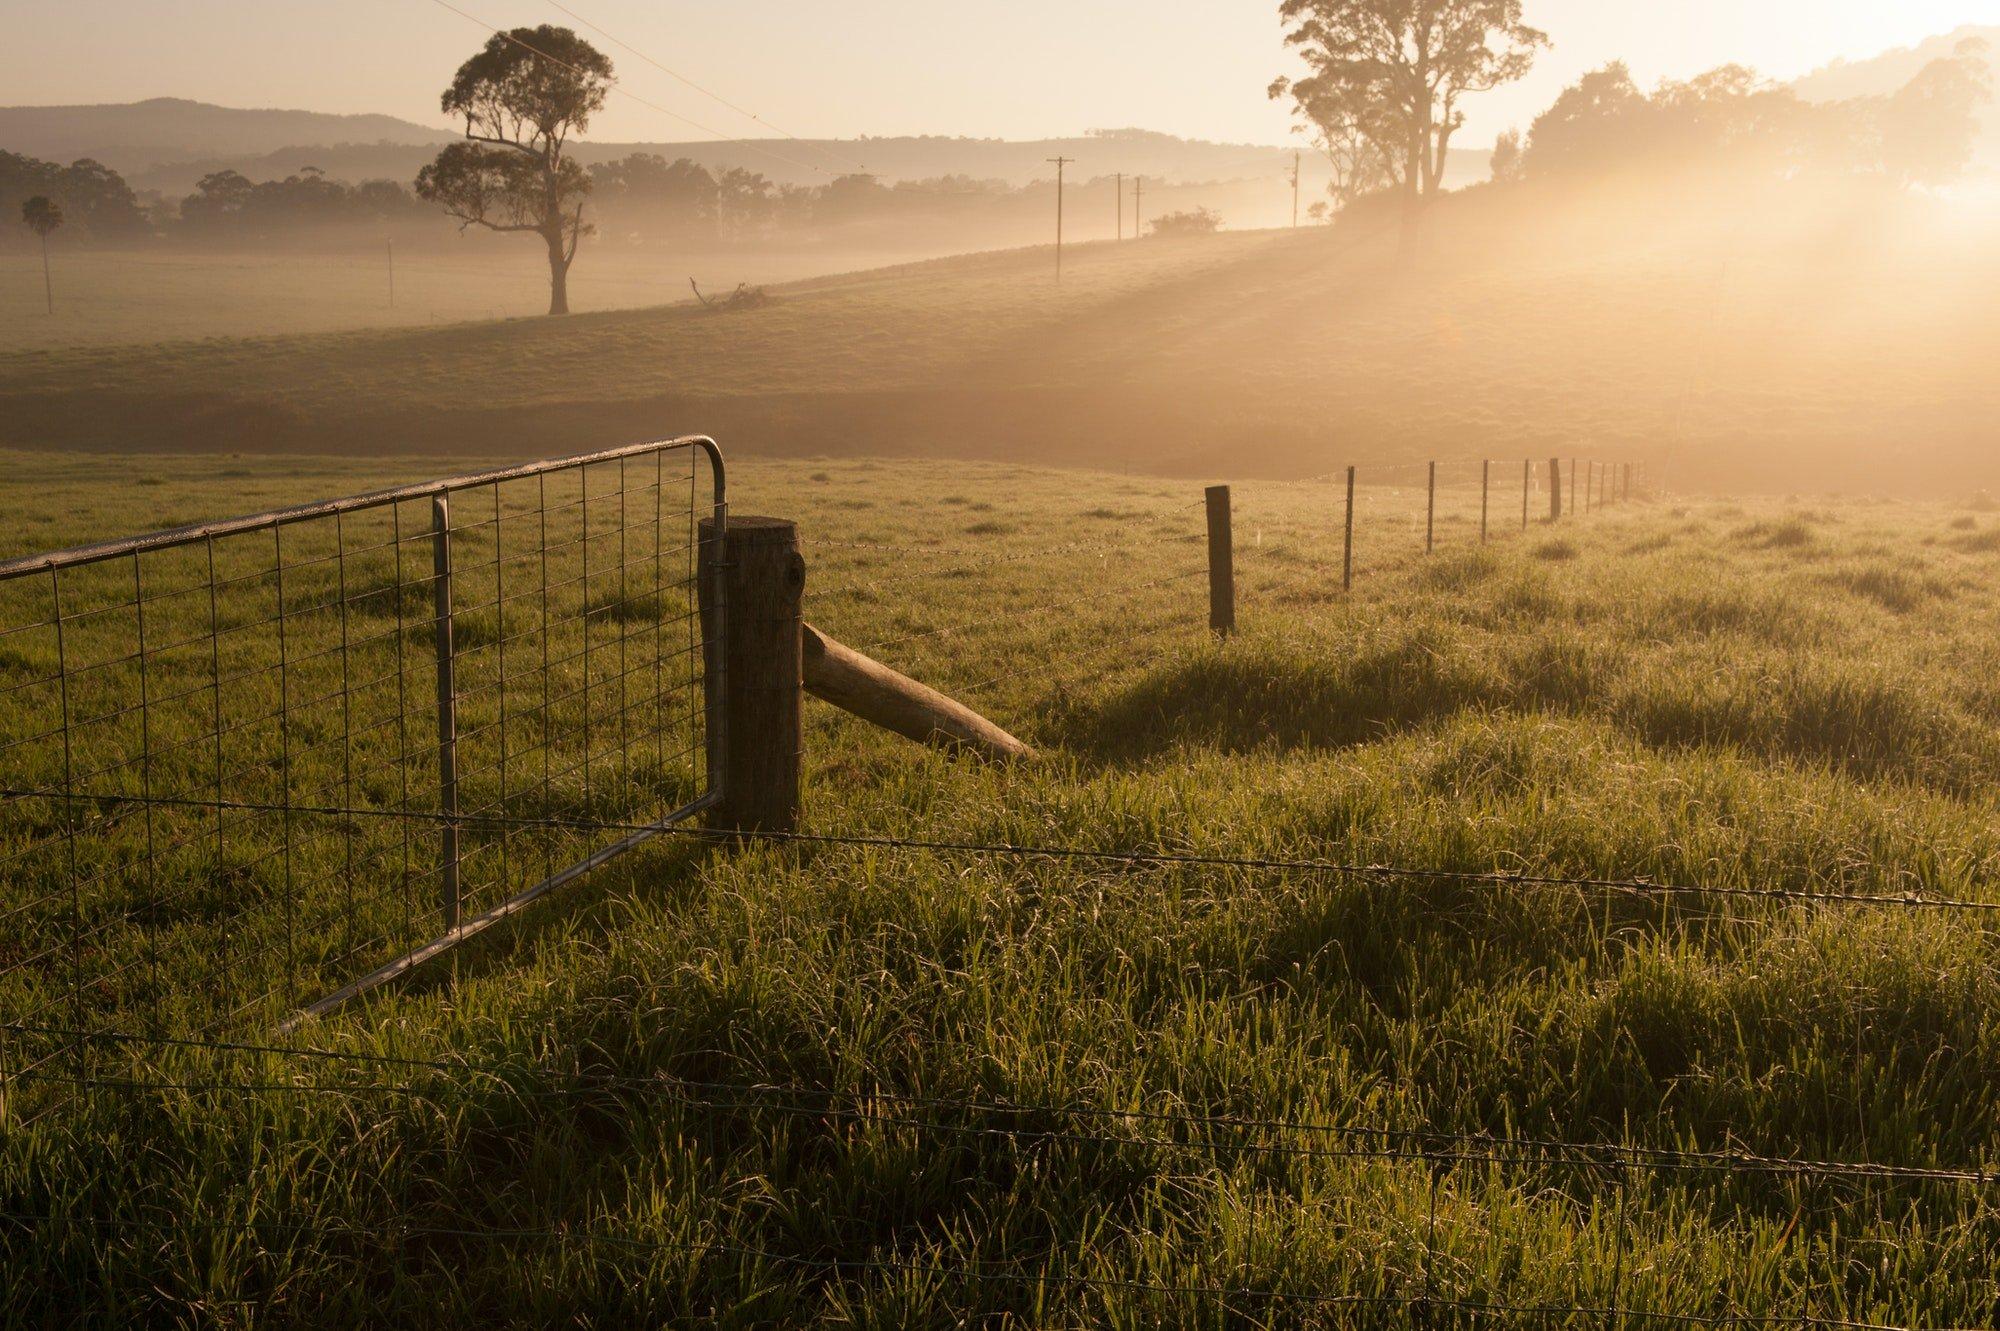 Farm gate on a foggy morning